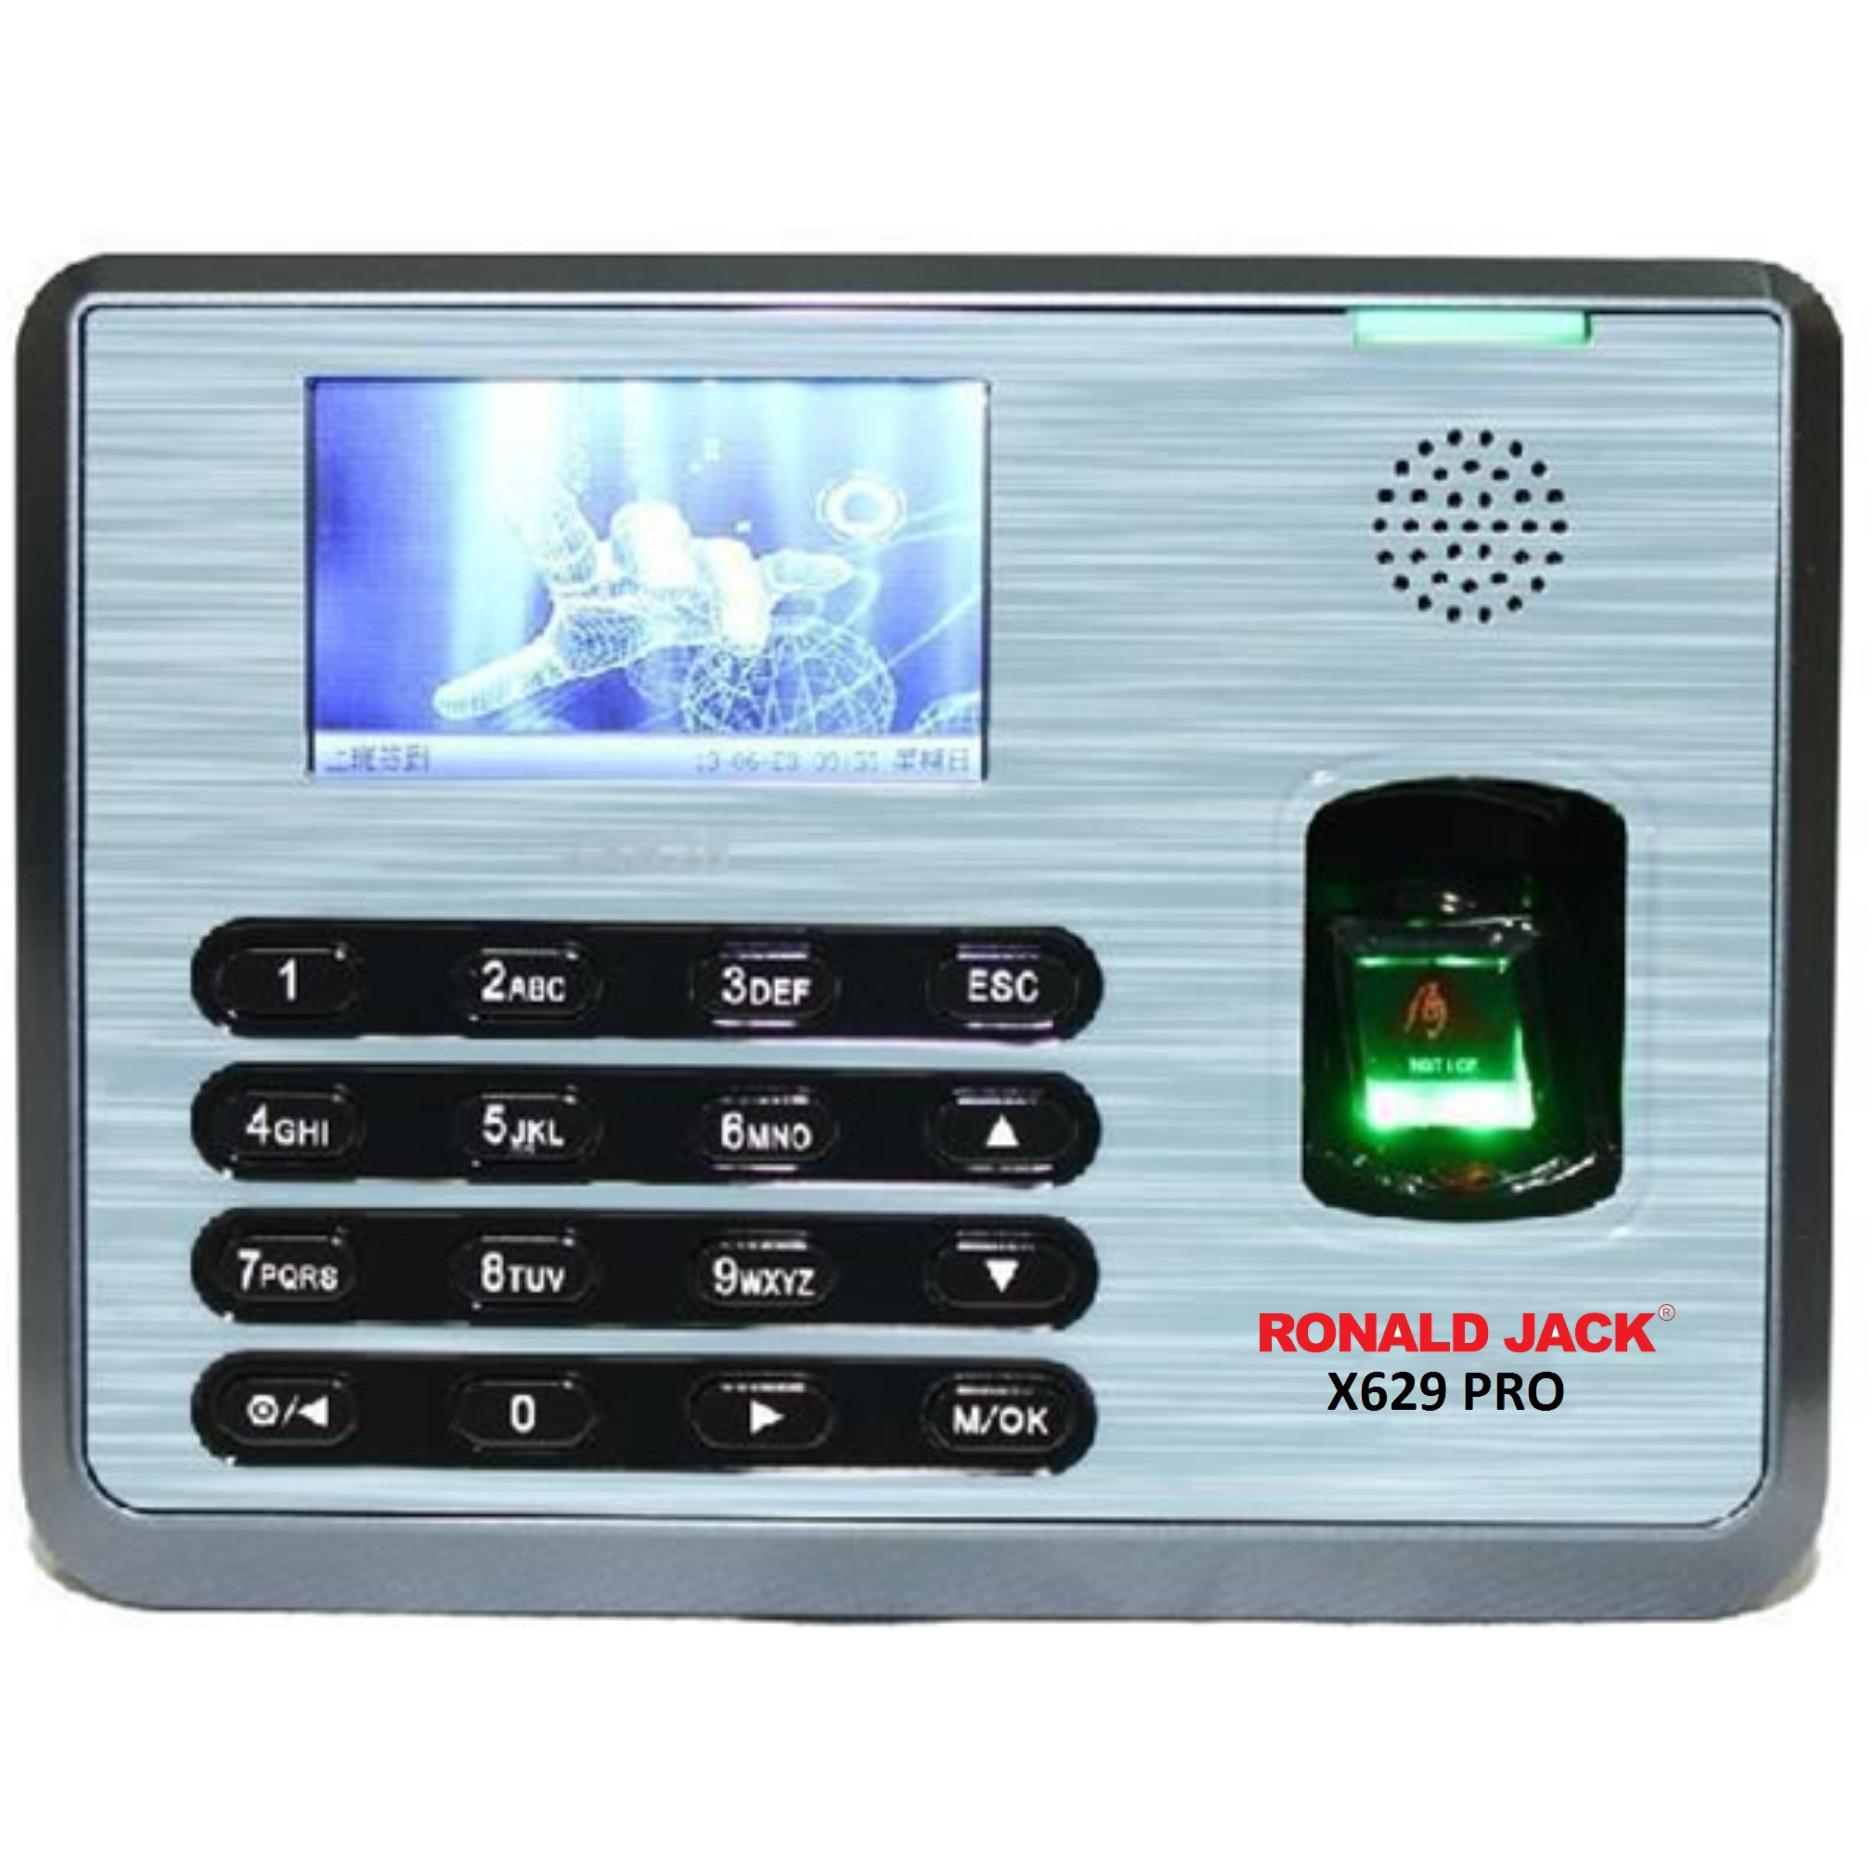 Máy chấm công vân tay và thẻ Ronald Jack X629 Pro nhập khẩu